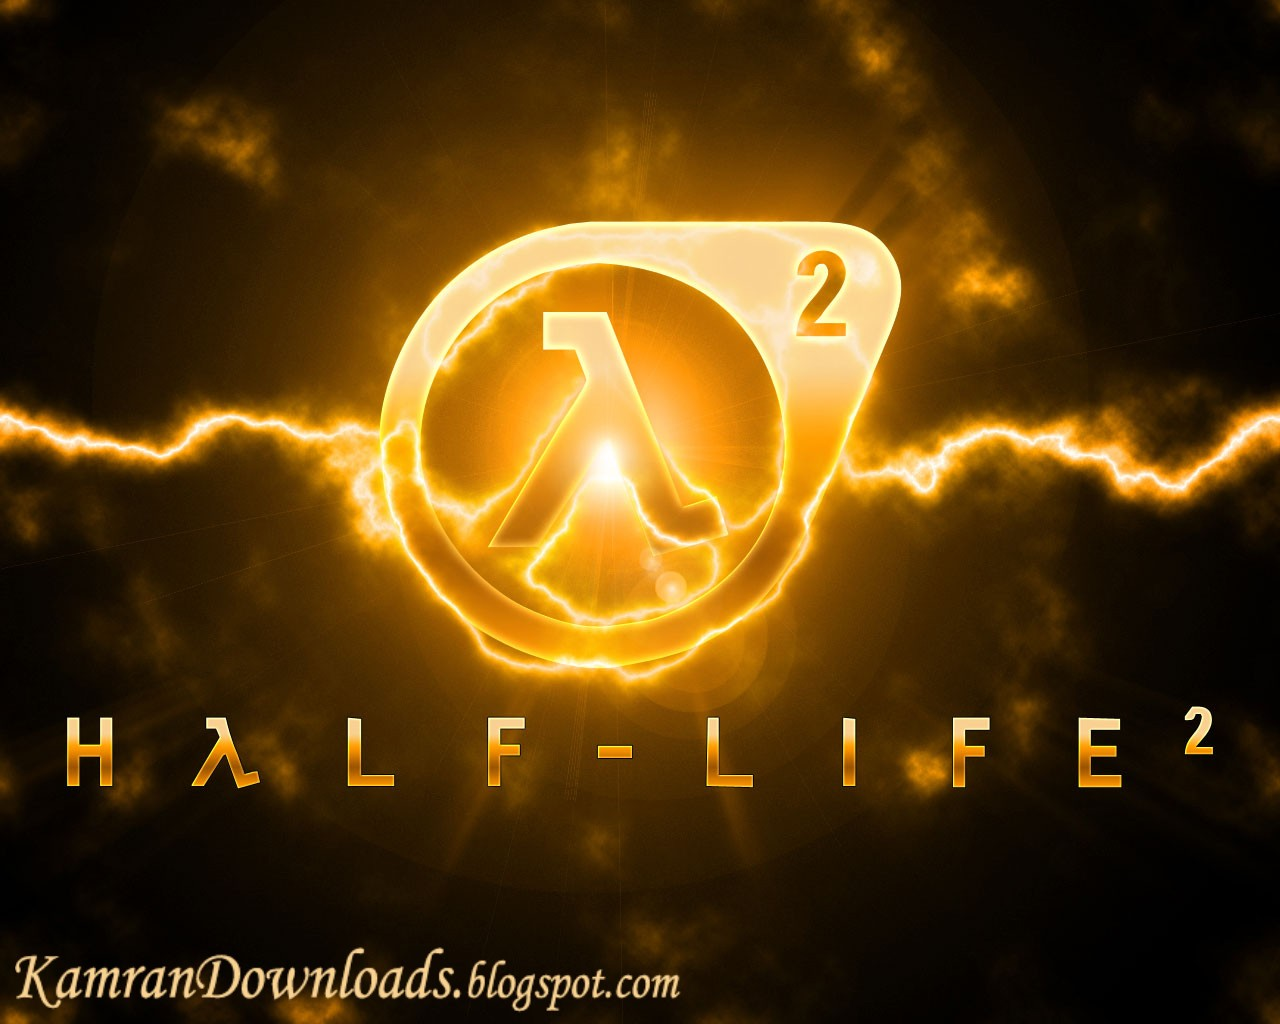 Kamran Downloads Half Life 2 Free Download Full Version